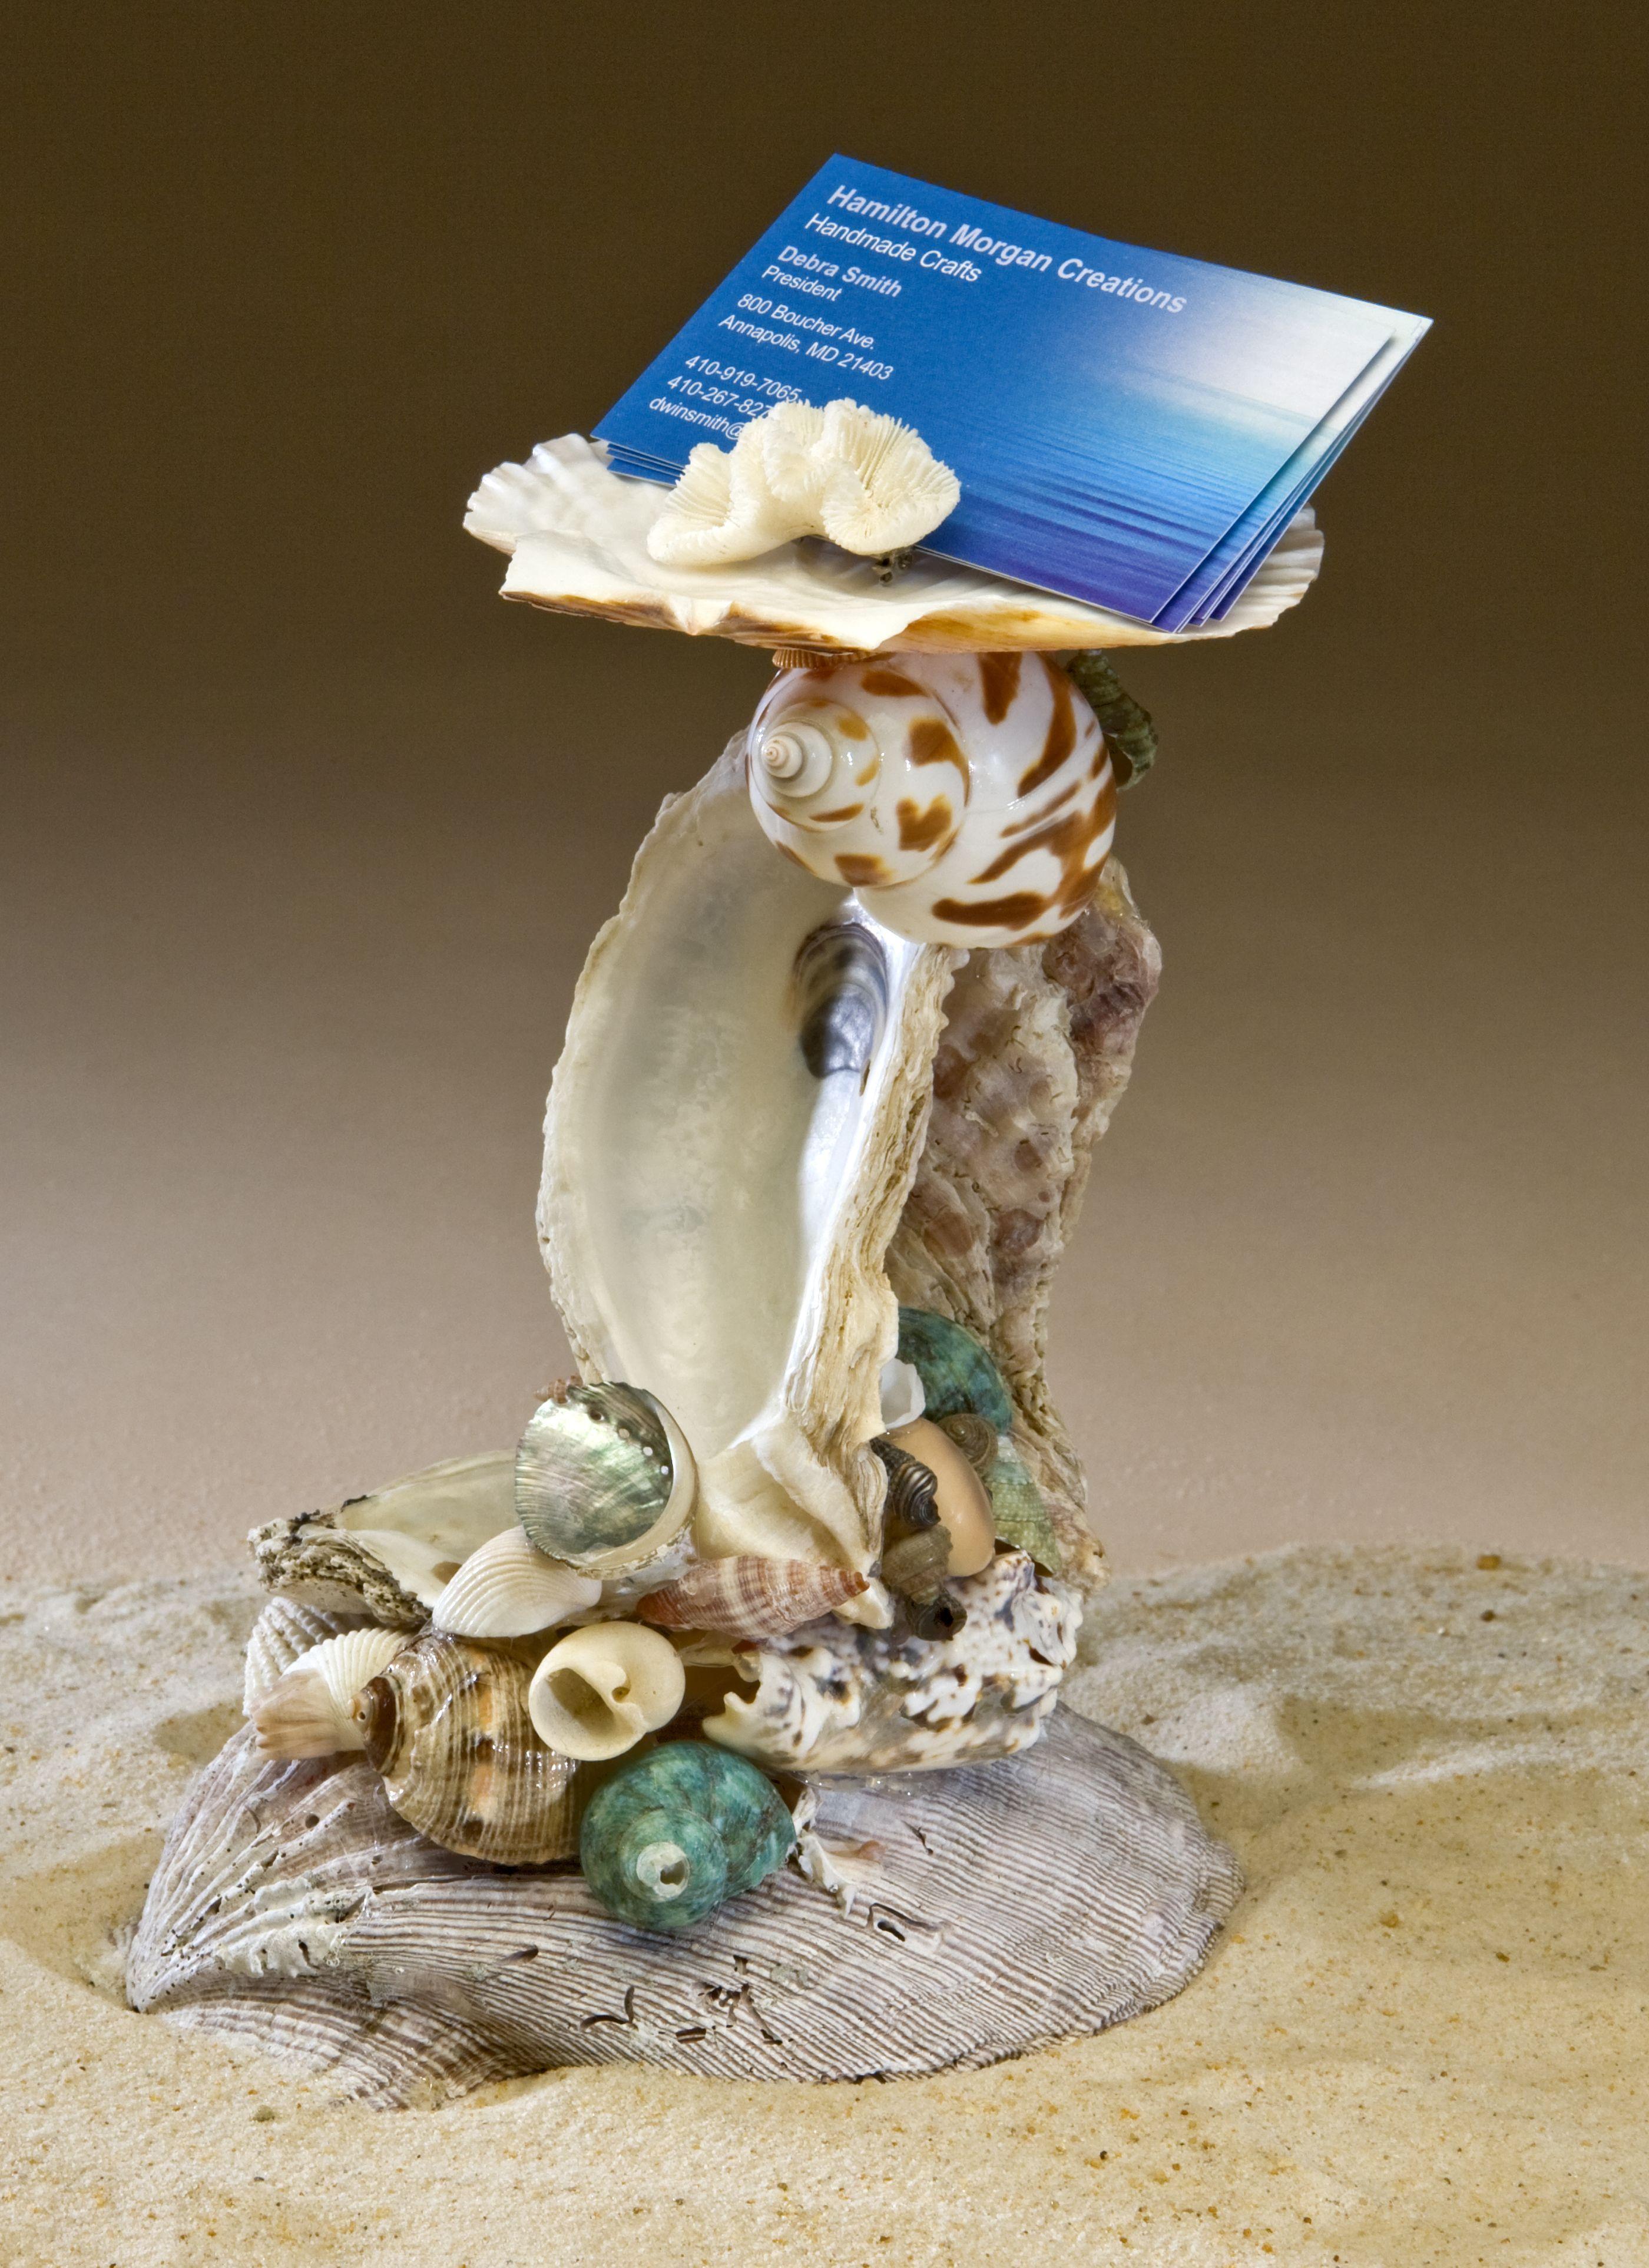 sea shells crafts ideas cove seashells crafts